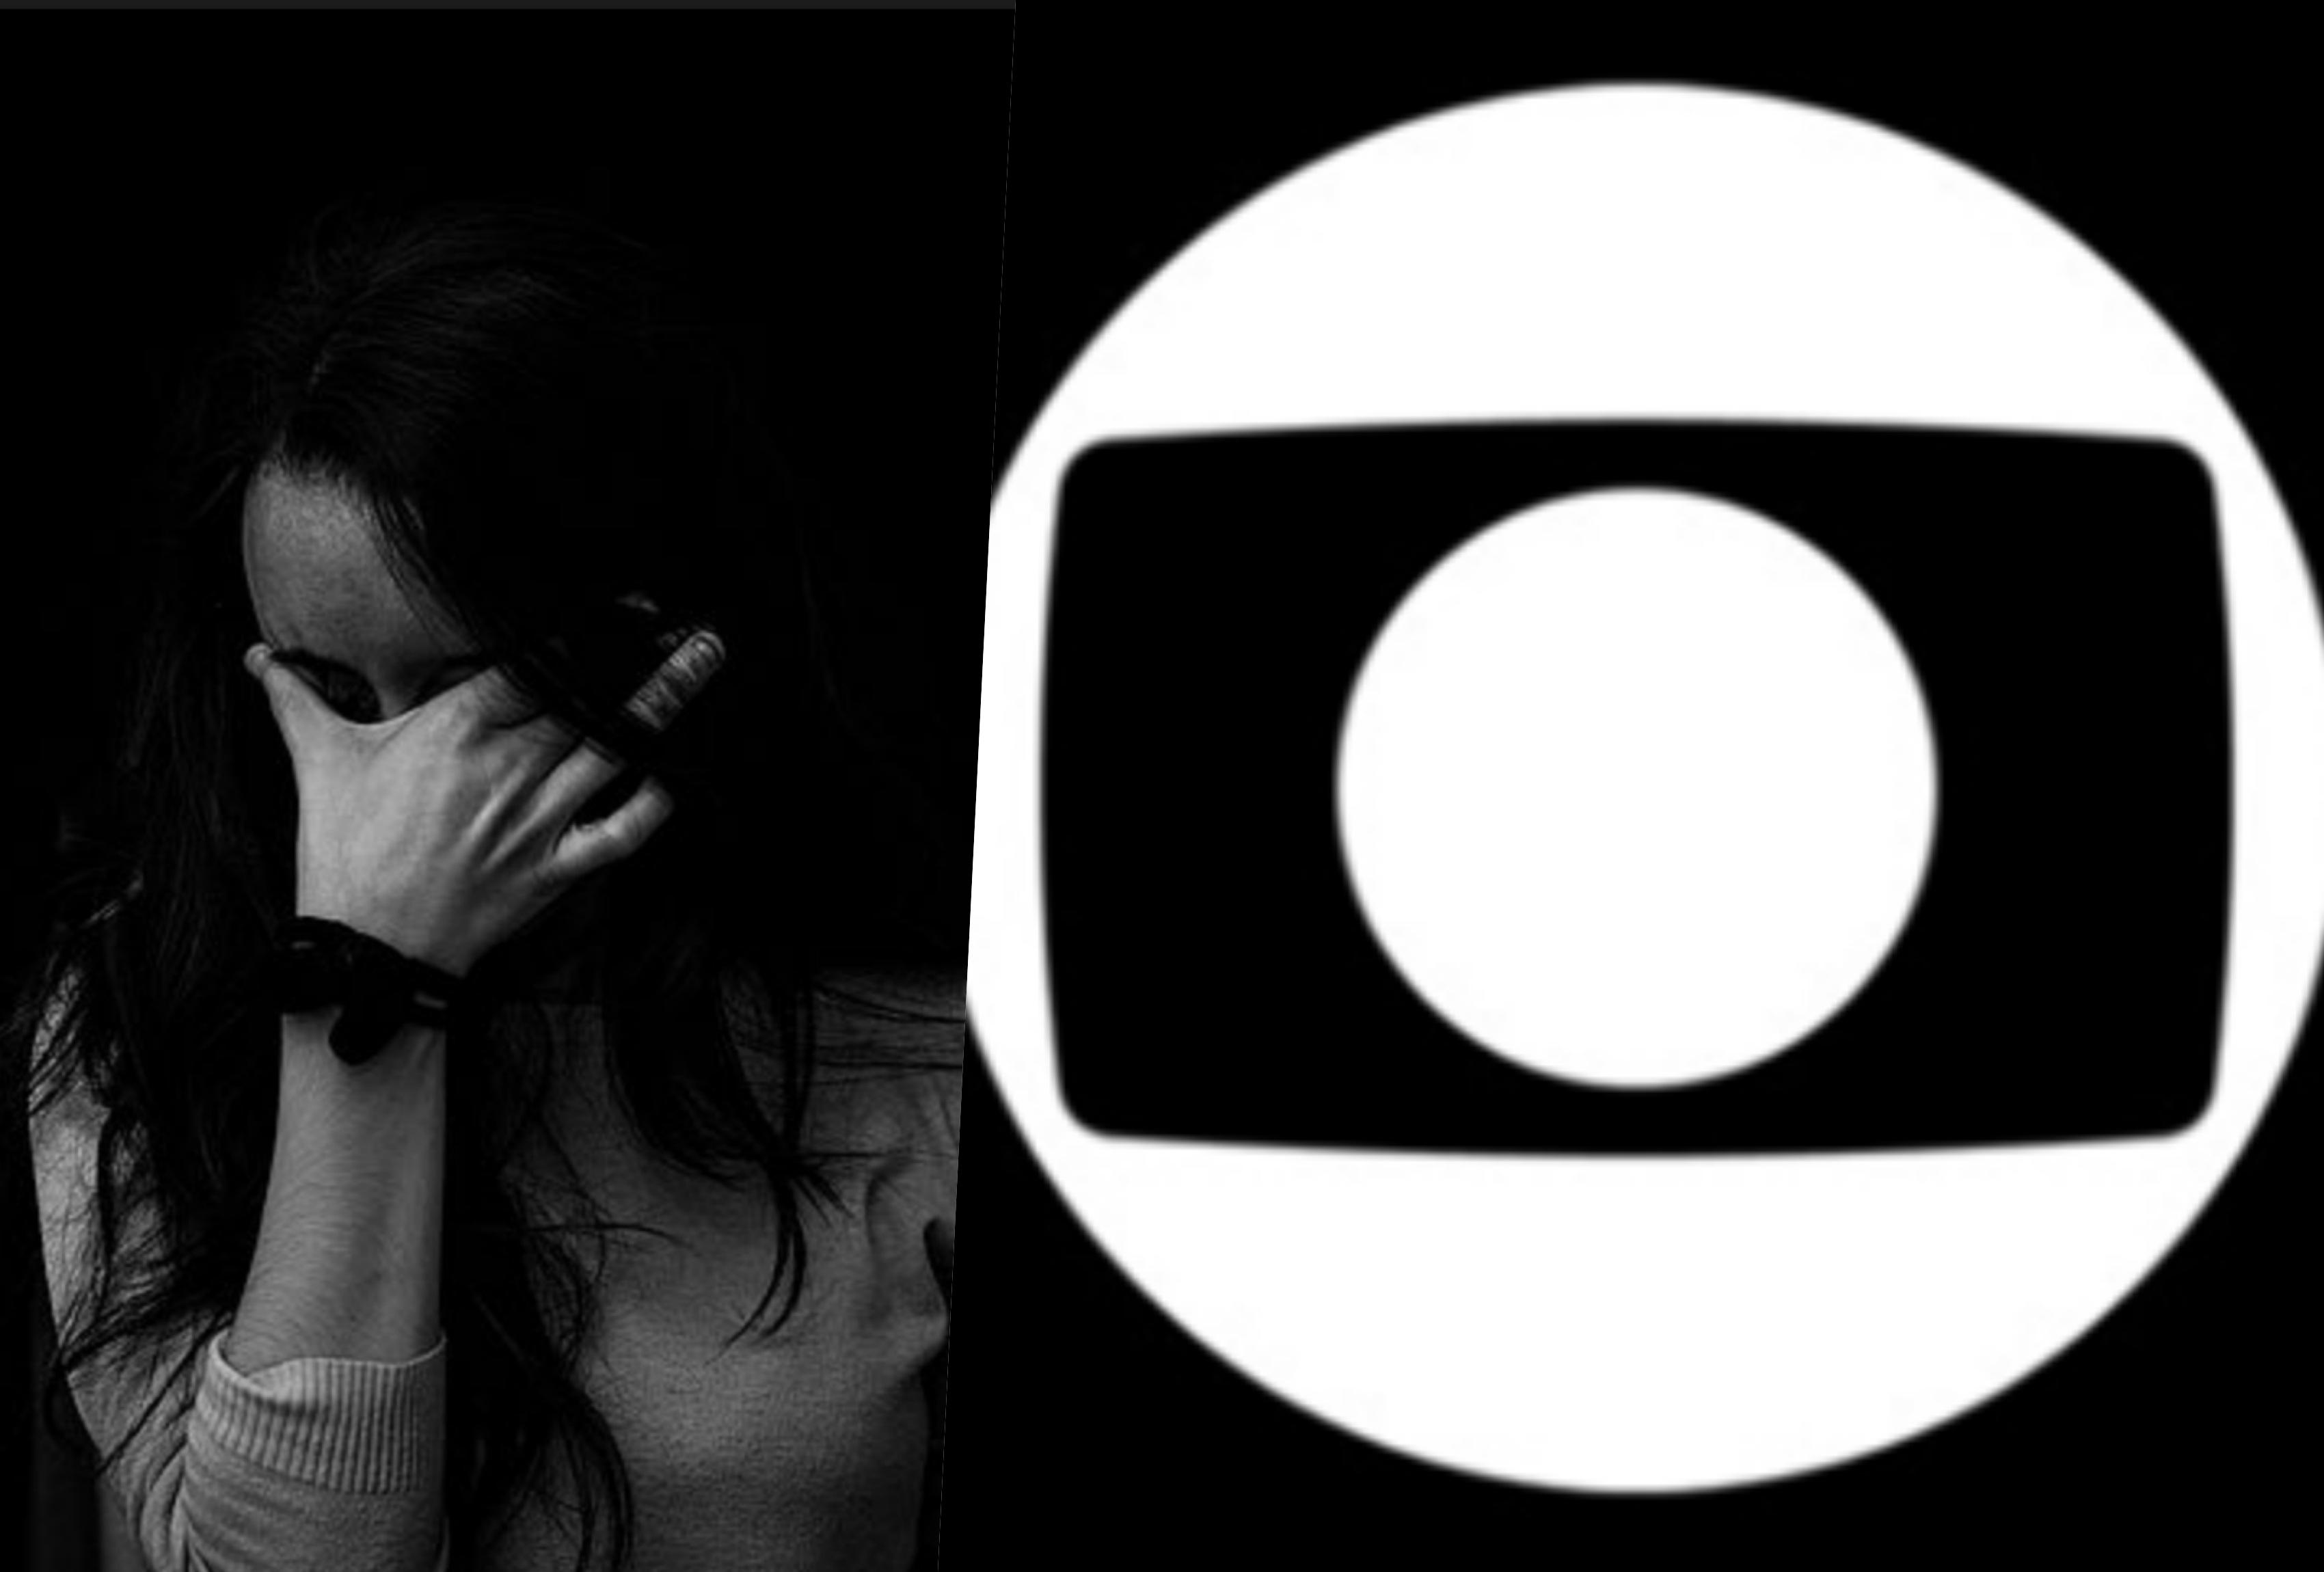 Ator da Globo, Daniel Oliveira relava momentos sobrenaturais que passou ao gravar novo filme (foto: Montagem TV Foco)